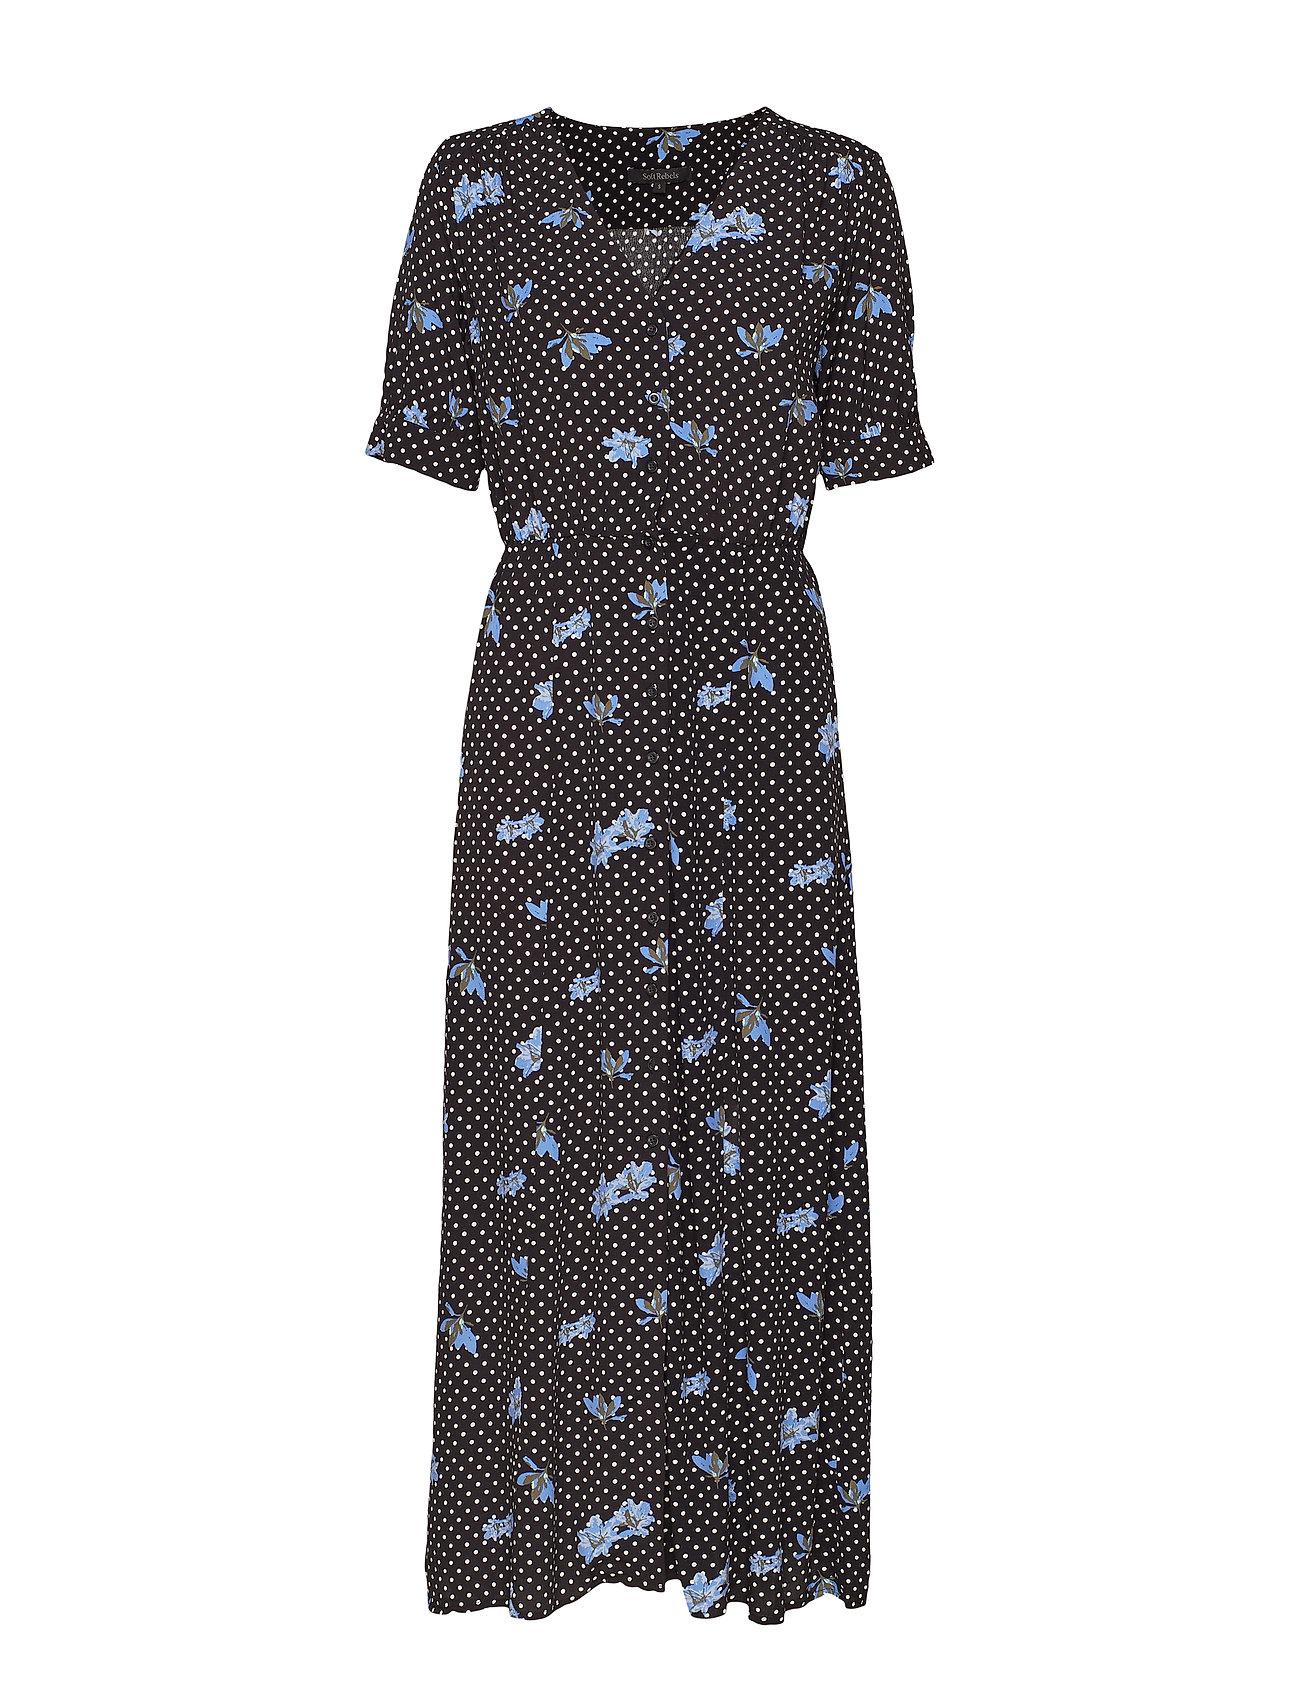 Soft Rebels Karlin Button Dress - DOT FLOWER PRINT